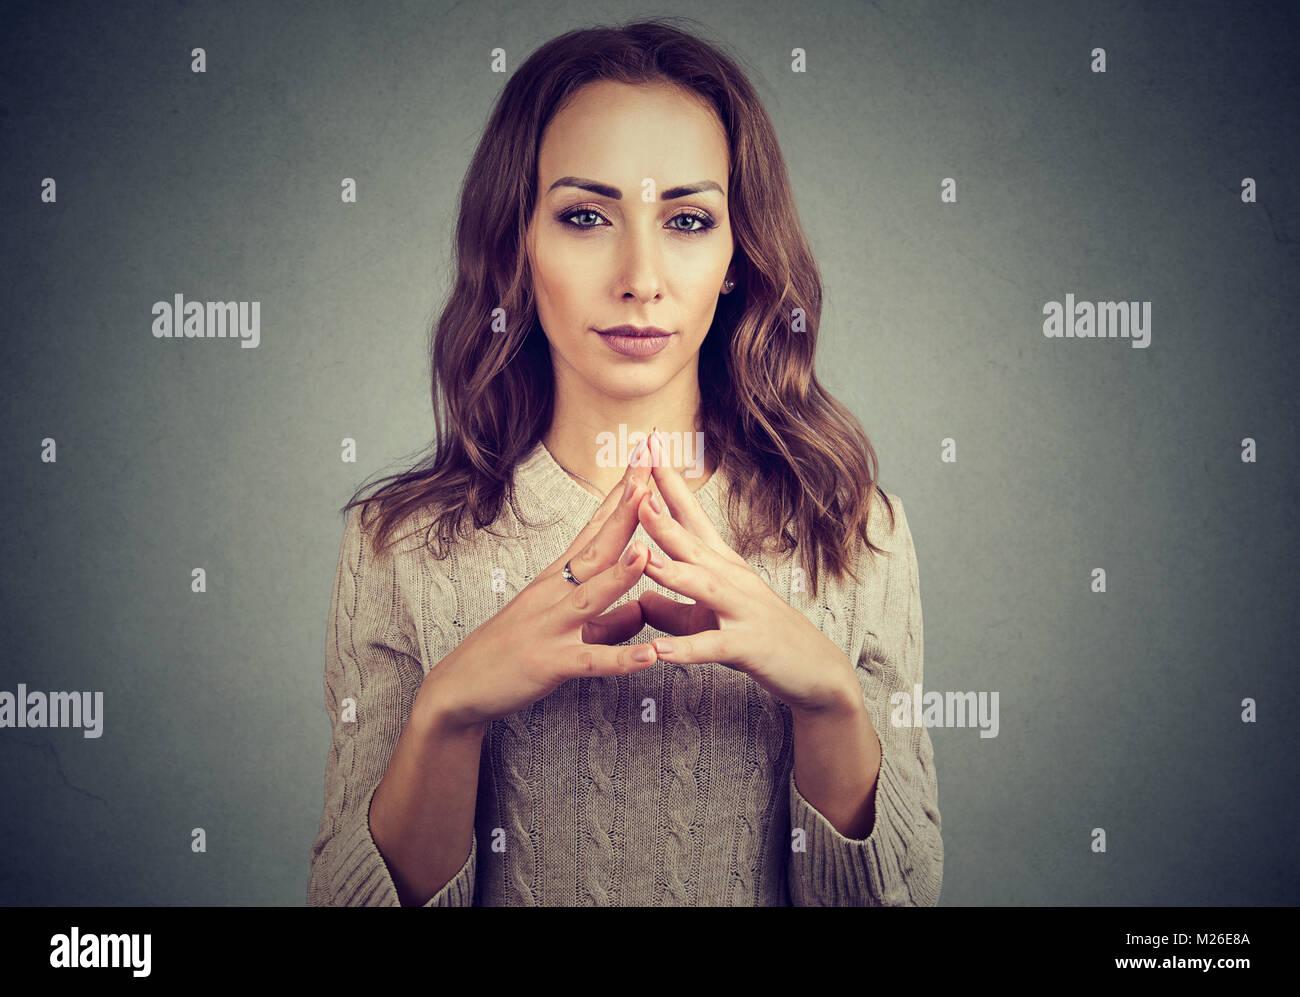 Sly joven mujer sosteniendo manos juntas spinning intrigas y mirando la astucia. Imagen De Stock